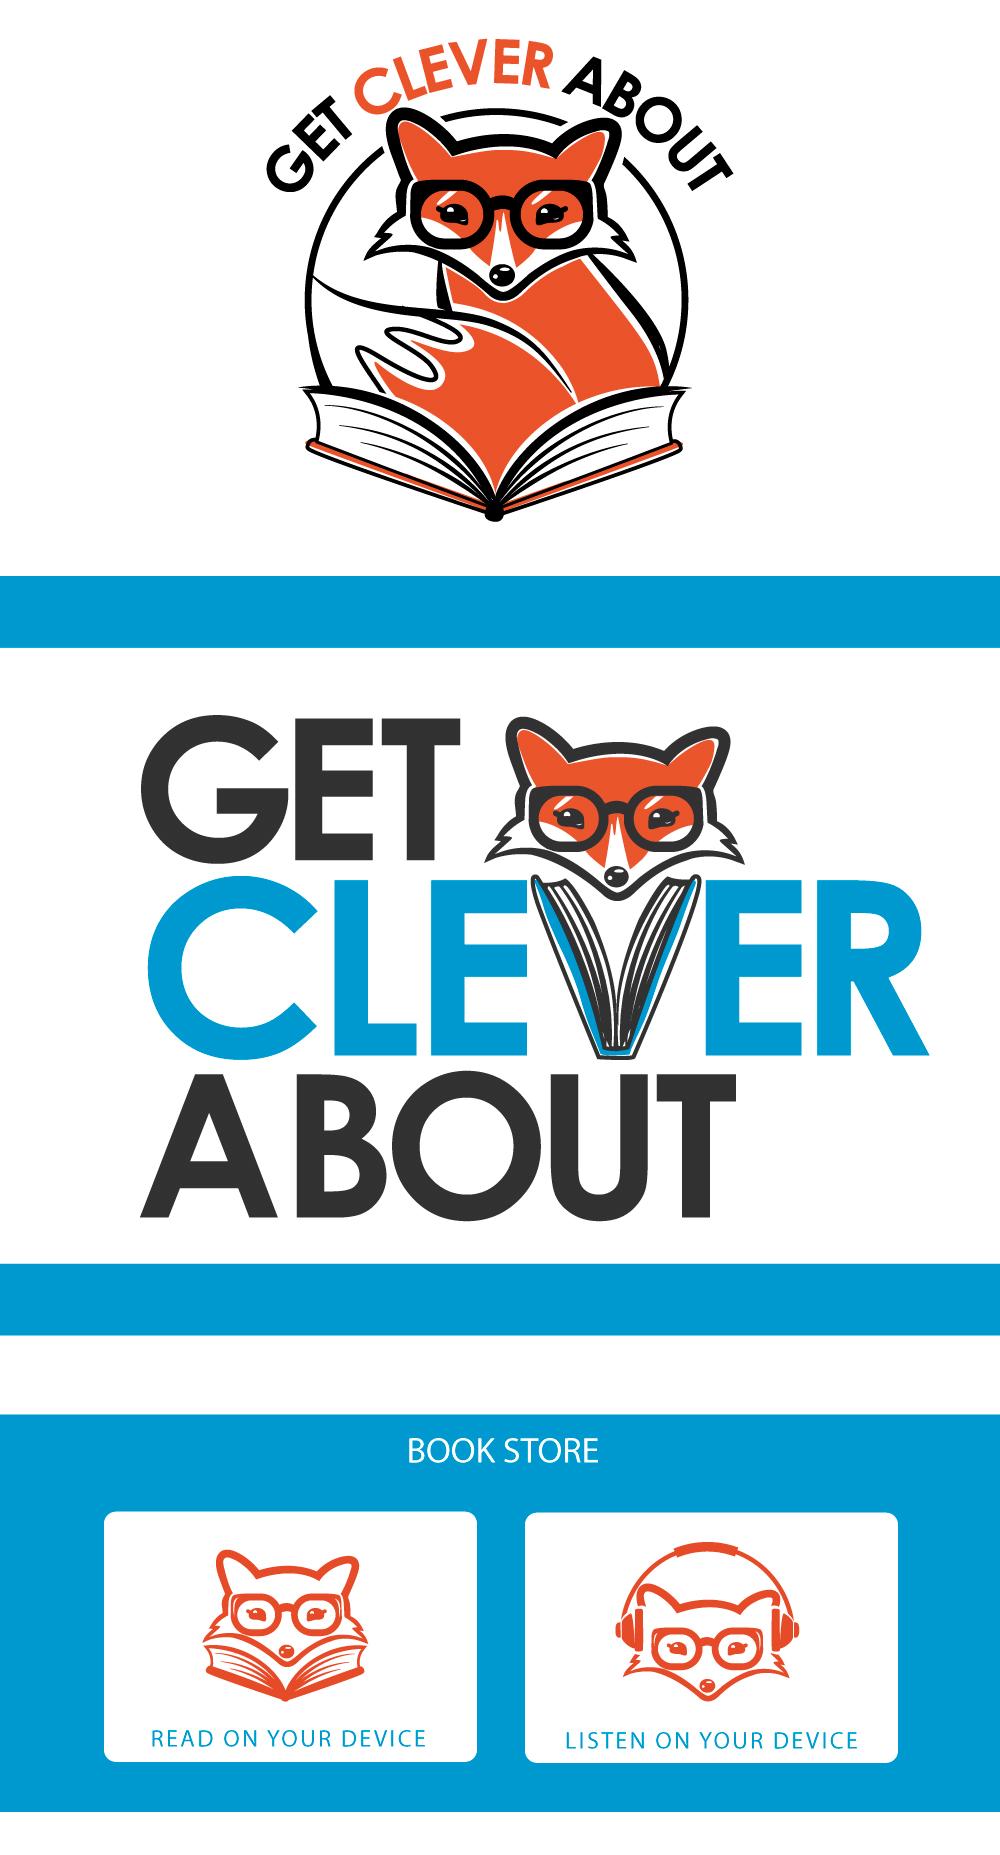 Get Clever About, Diana Petrarca, lili wexu, project, volpe, fox, graphic, design, logo, web, arancione, disegno, illustrazione, social